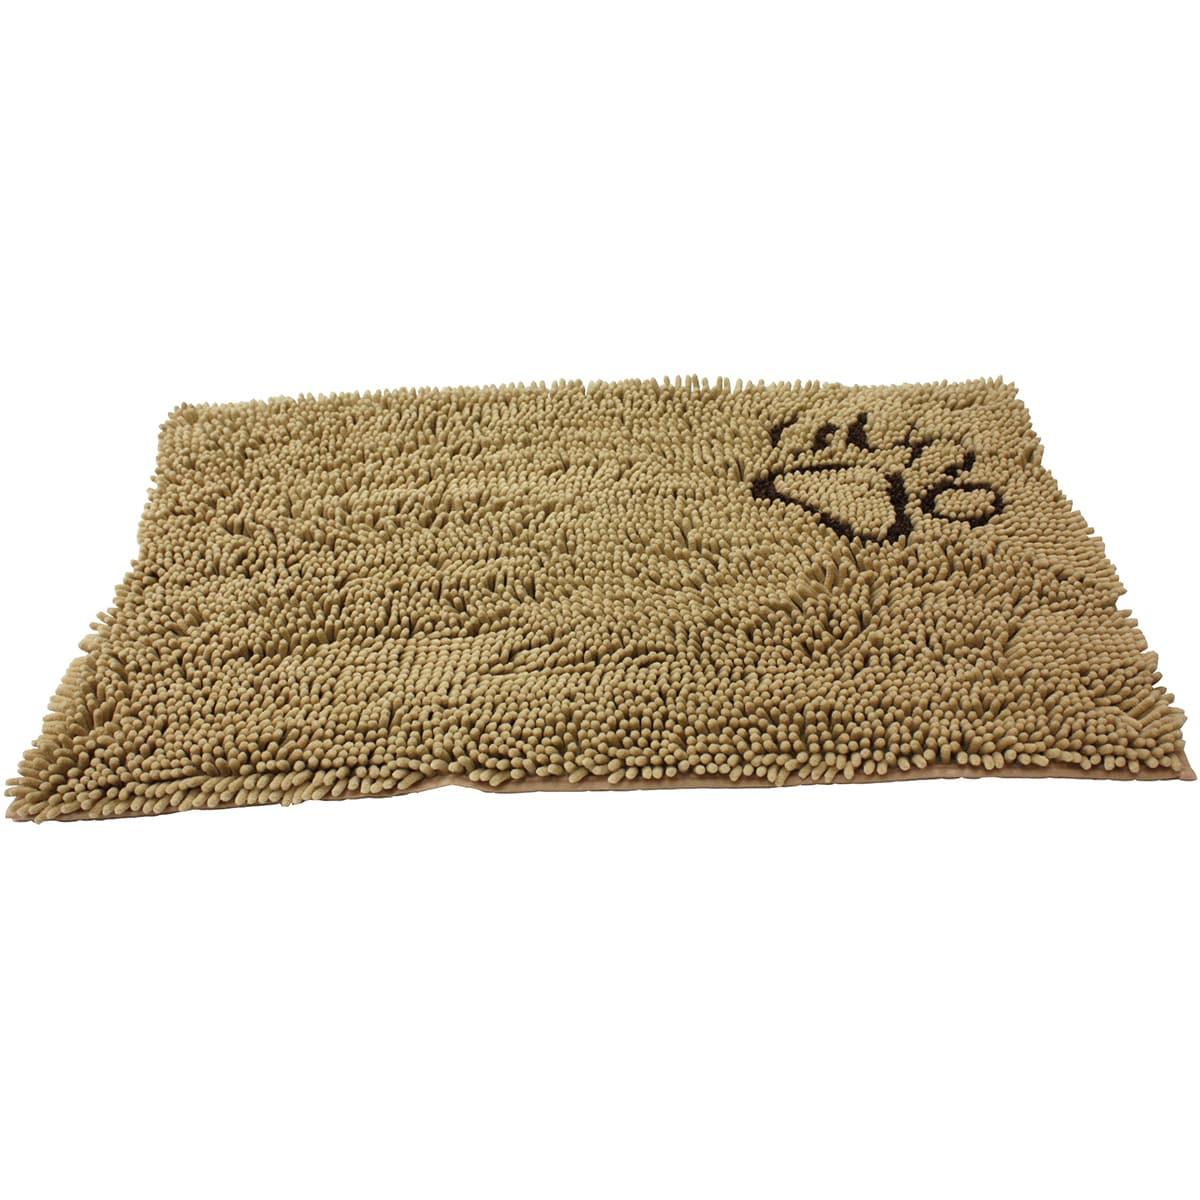 Clean Paws Dog Mat (Tan-31x20), Grey